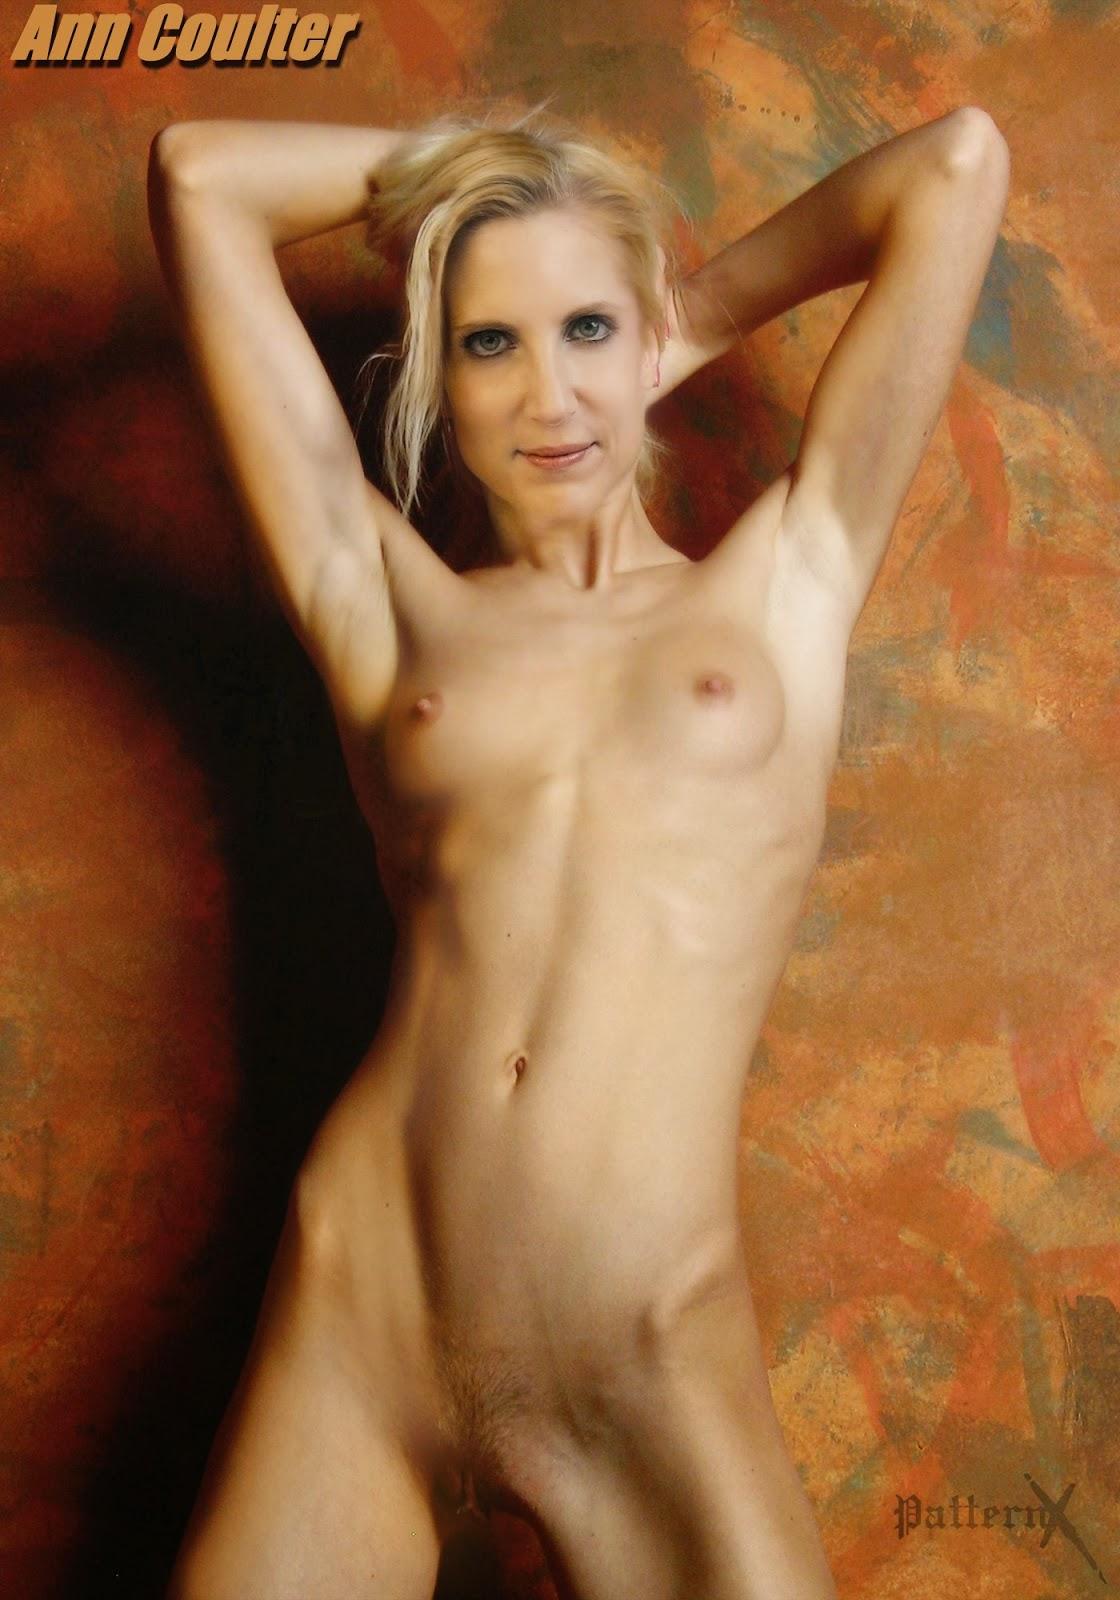 Ann coulter is an ass hole